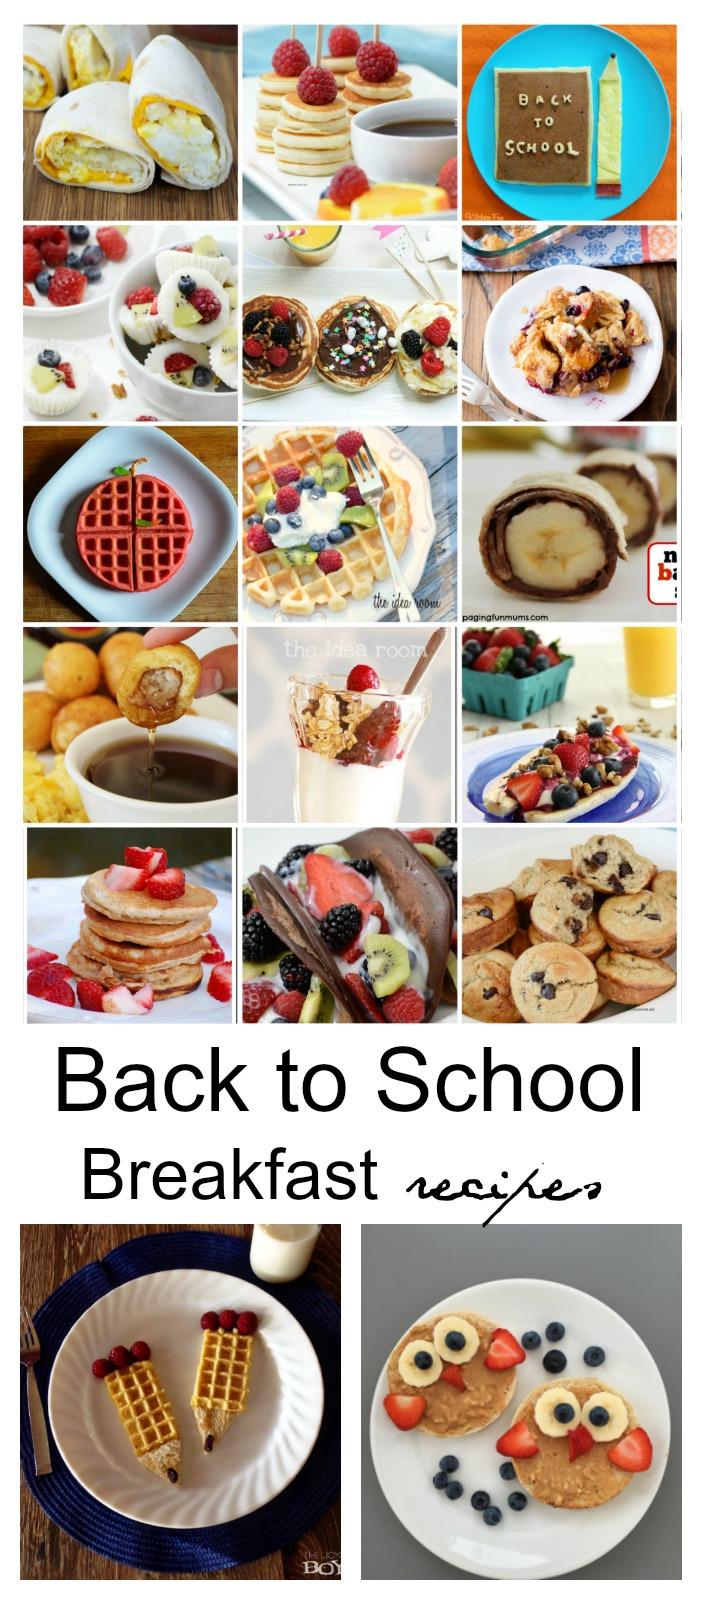 Back-to-school-Breakfast-Recipes-Ideas